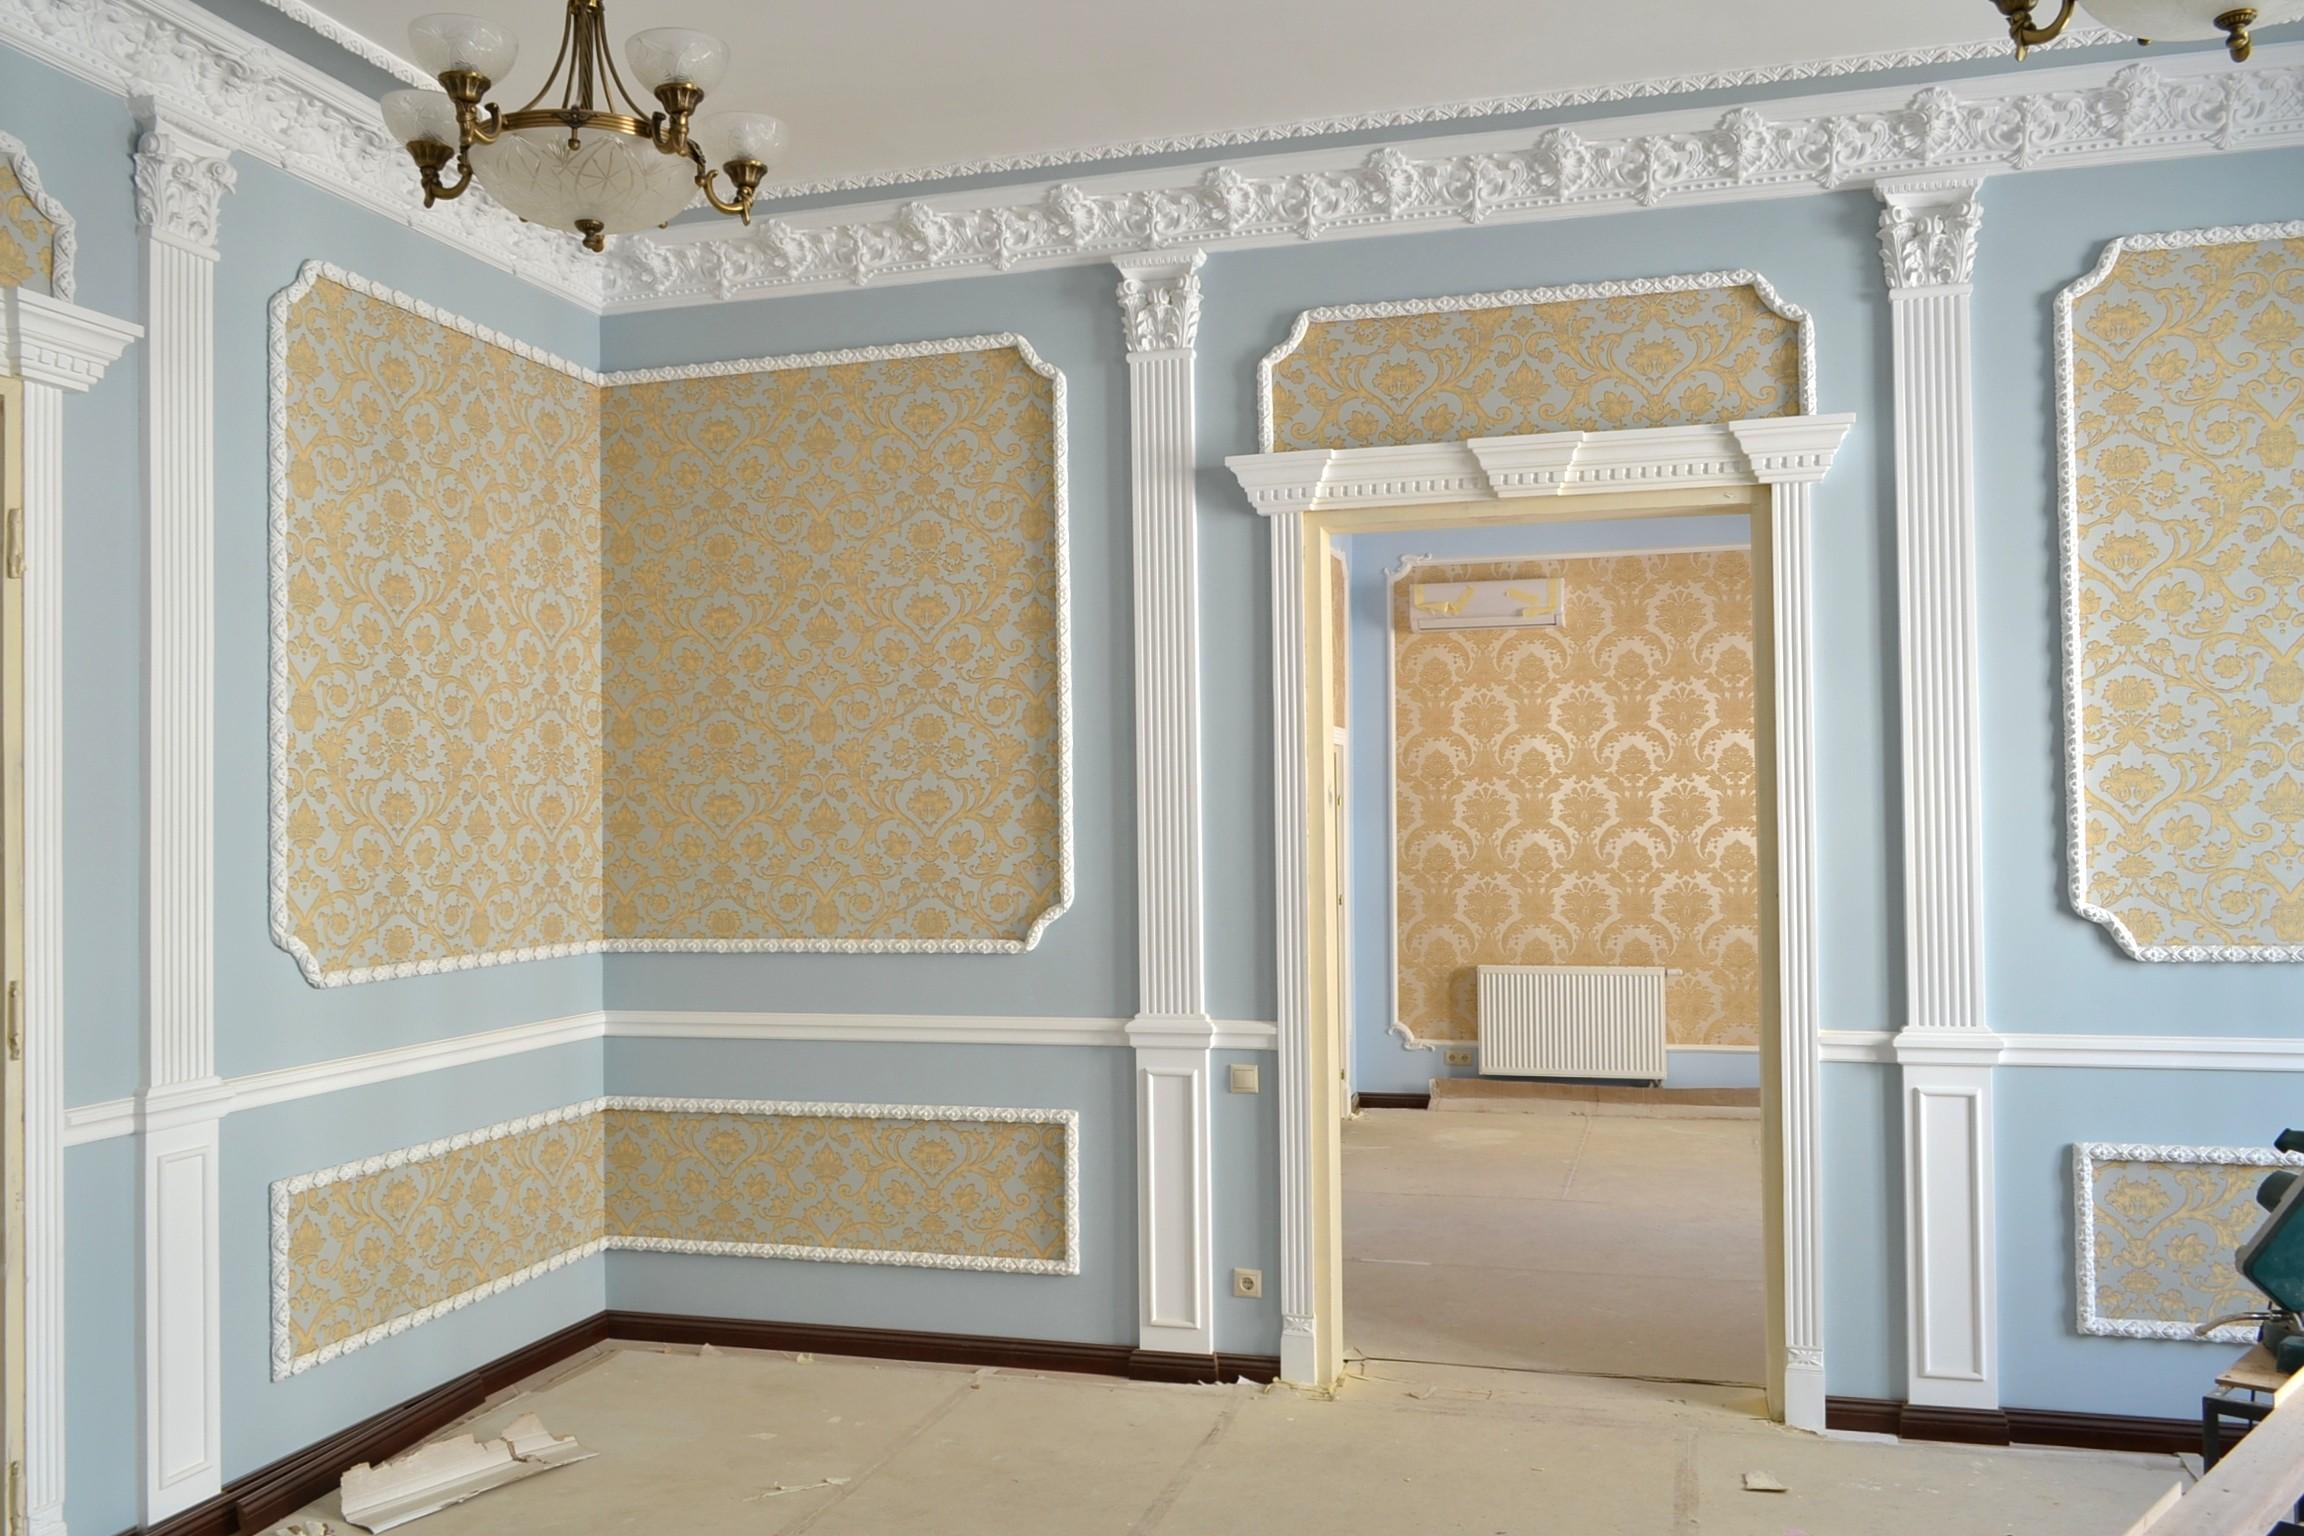 Фото отделки декоративным плинтусом на стене